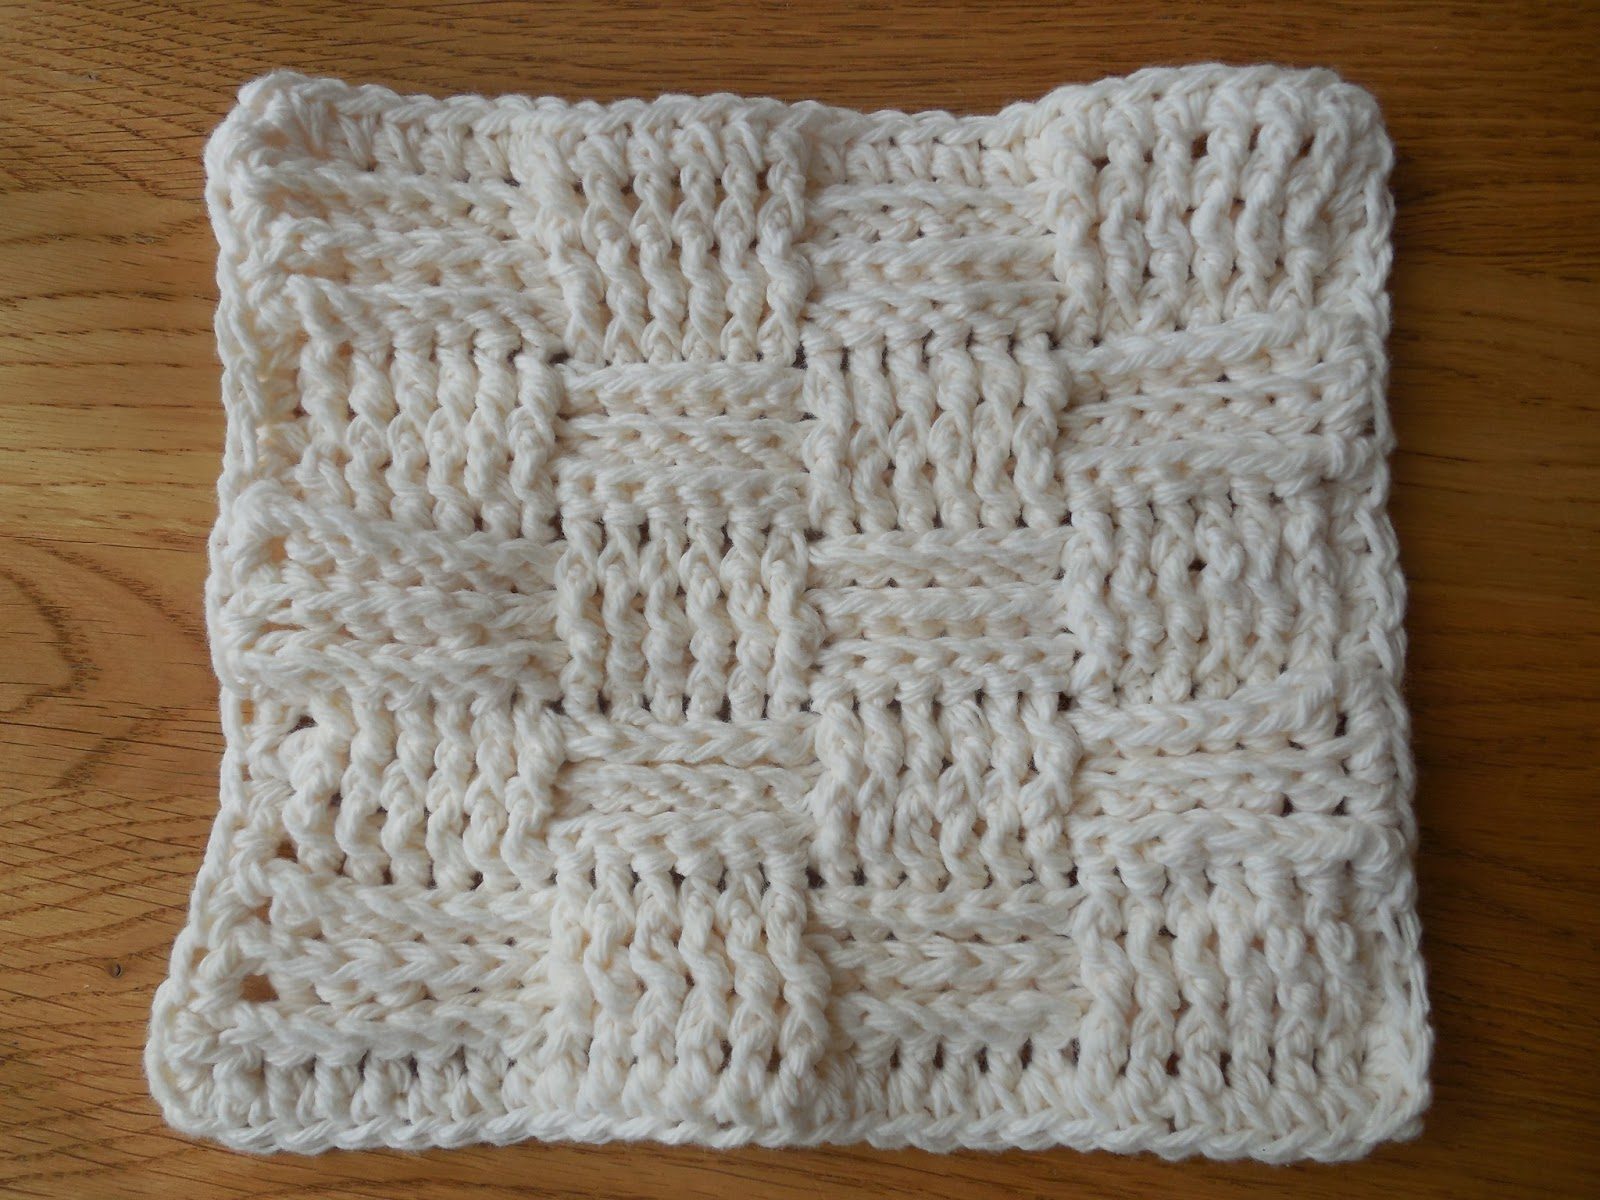 Free Crochet Pattern For Basket Weave Dishcloth : Hooked On Handmade: Basket Weave Dishcloth